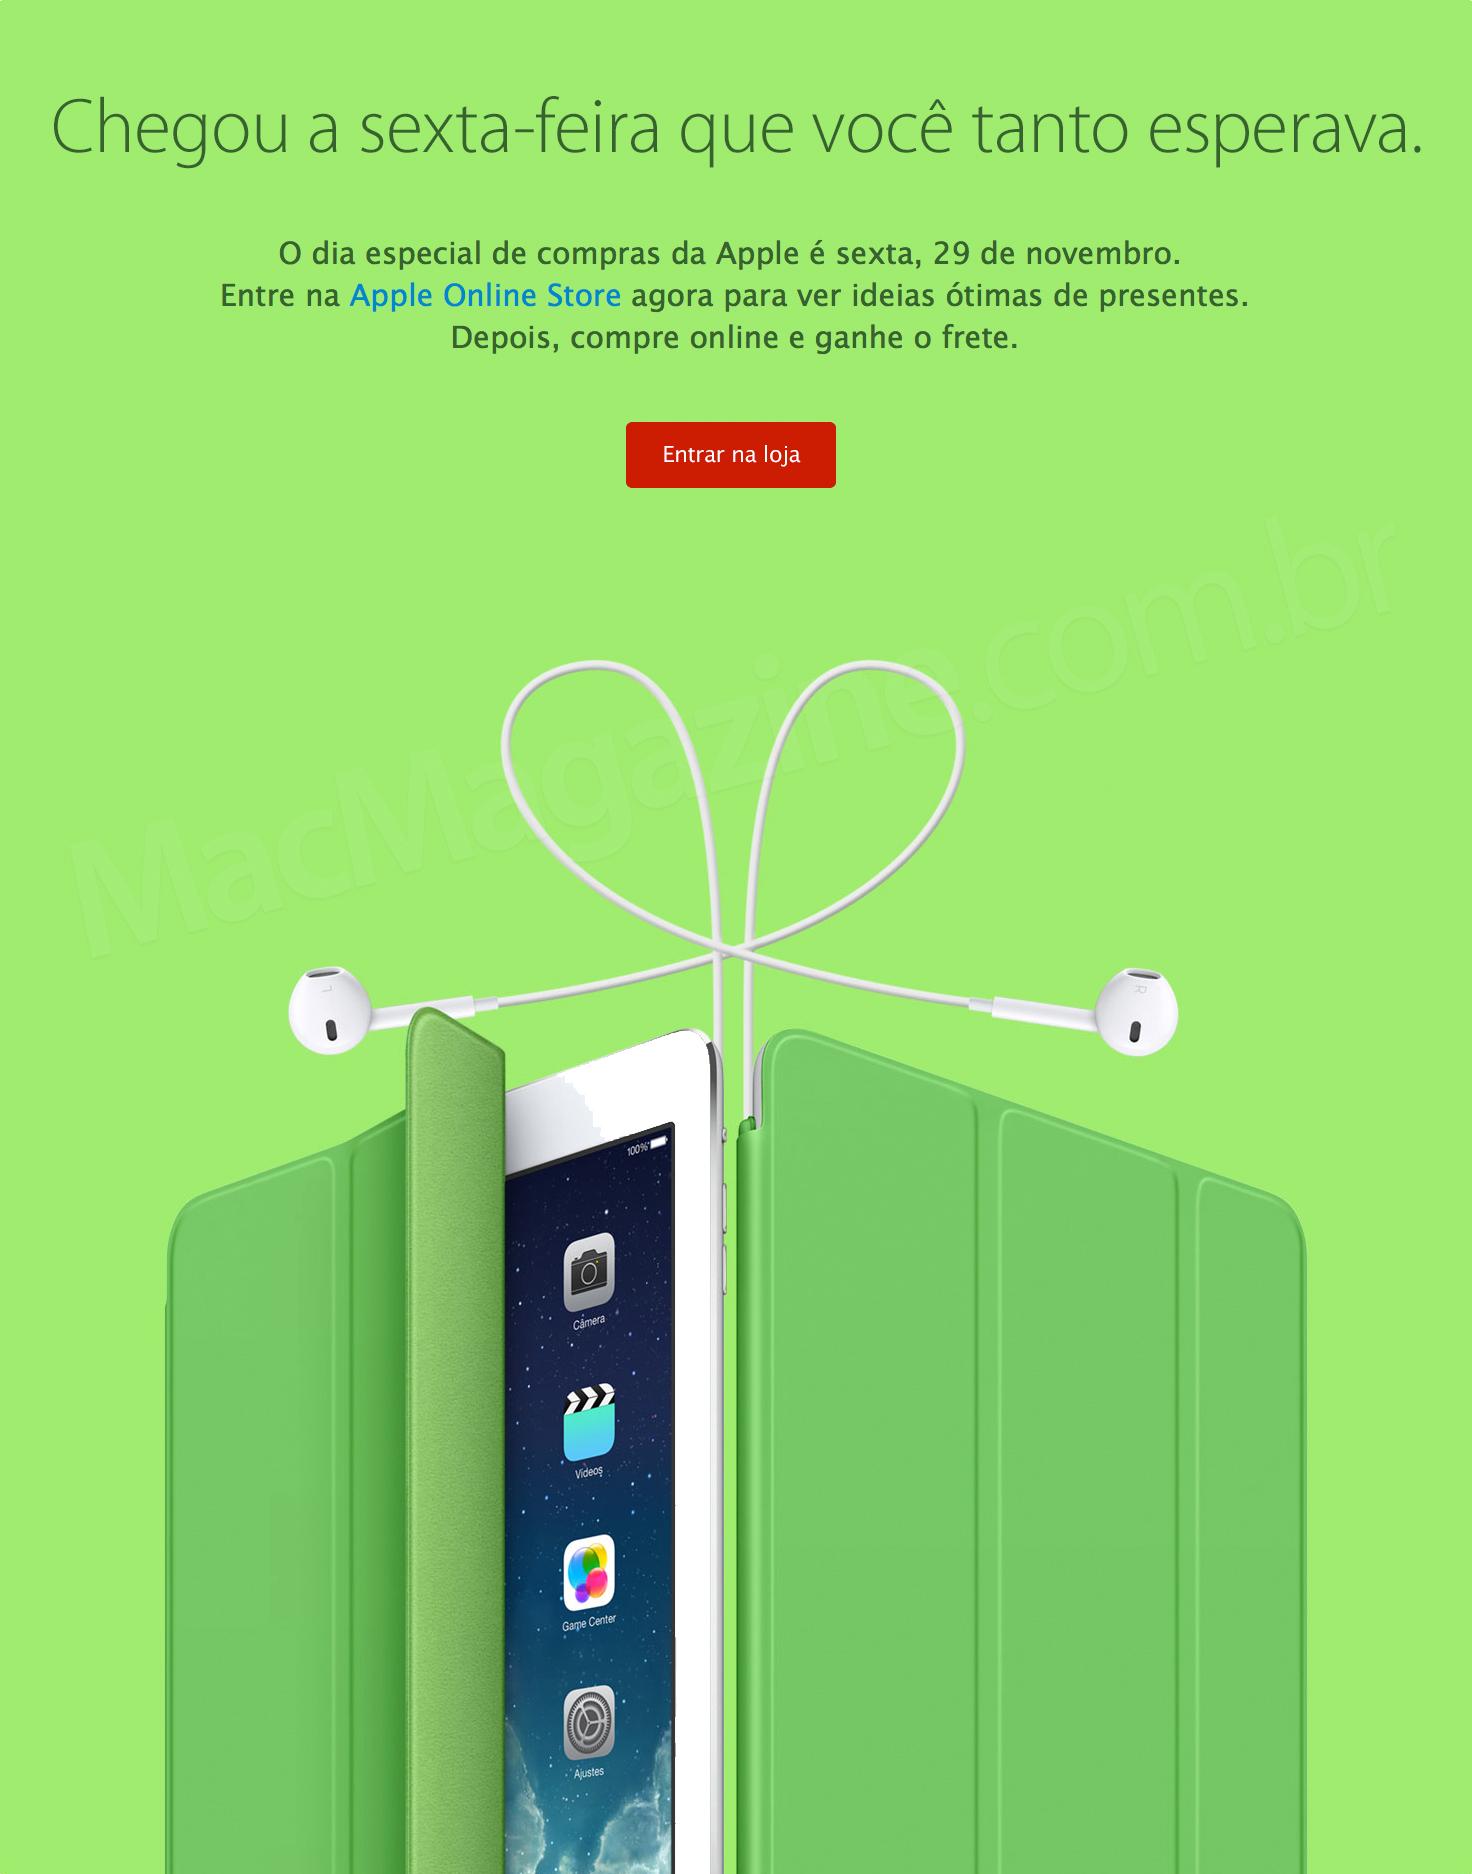 Dia especial de compras na Apple Online Store brasileira